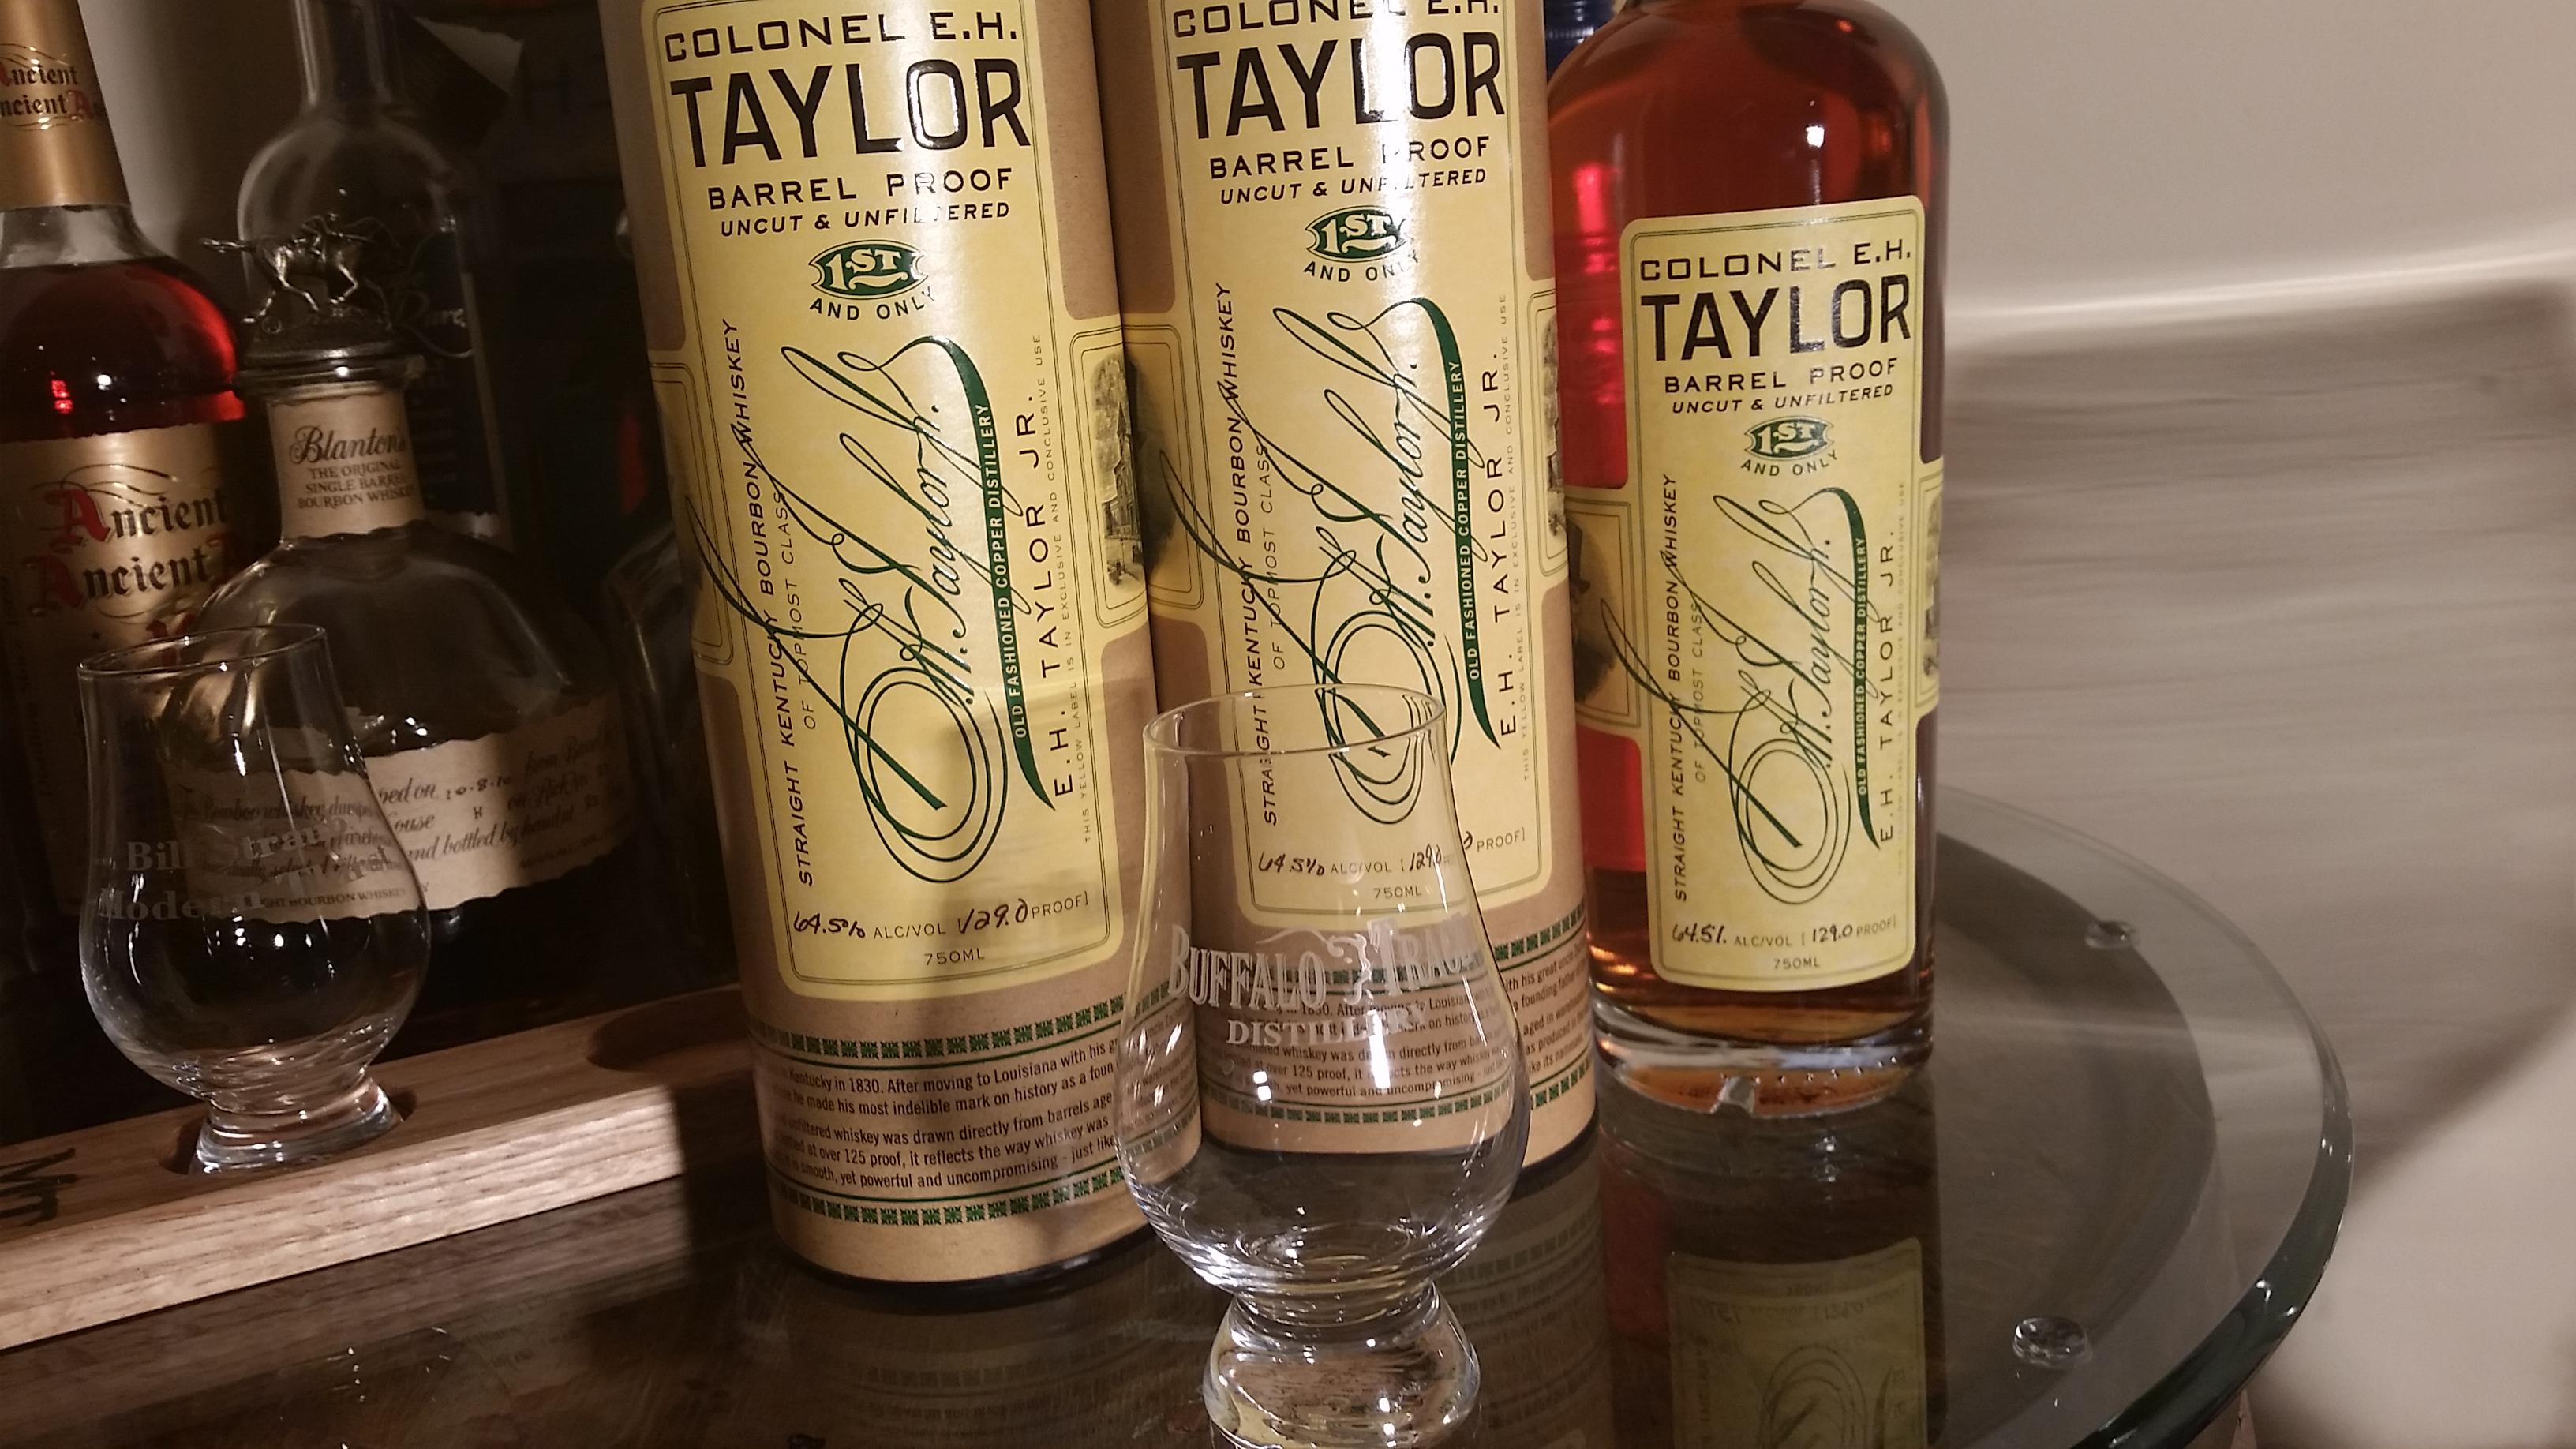 Bourbon Review: Colonel E  H  Taylor, Jr  Barrel Proof (2014